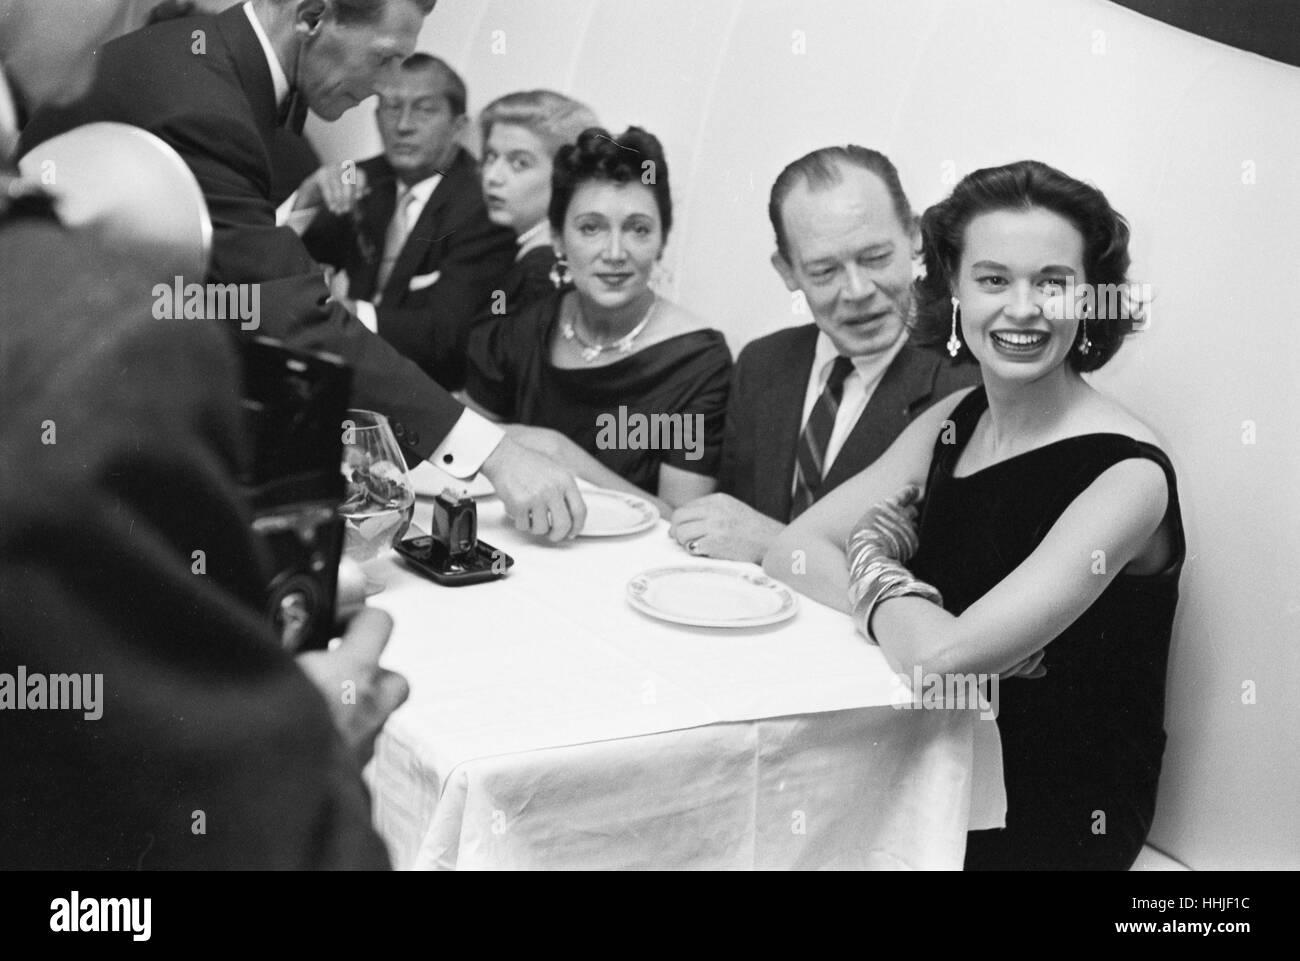 gloria vanderbilt beim abendessen mit freunden 1955 stockfoto bild 131328664 alamy. Black Bedroom Furniture Sets. Home Design Ideas